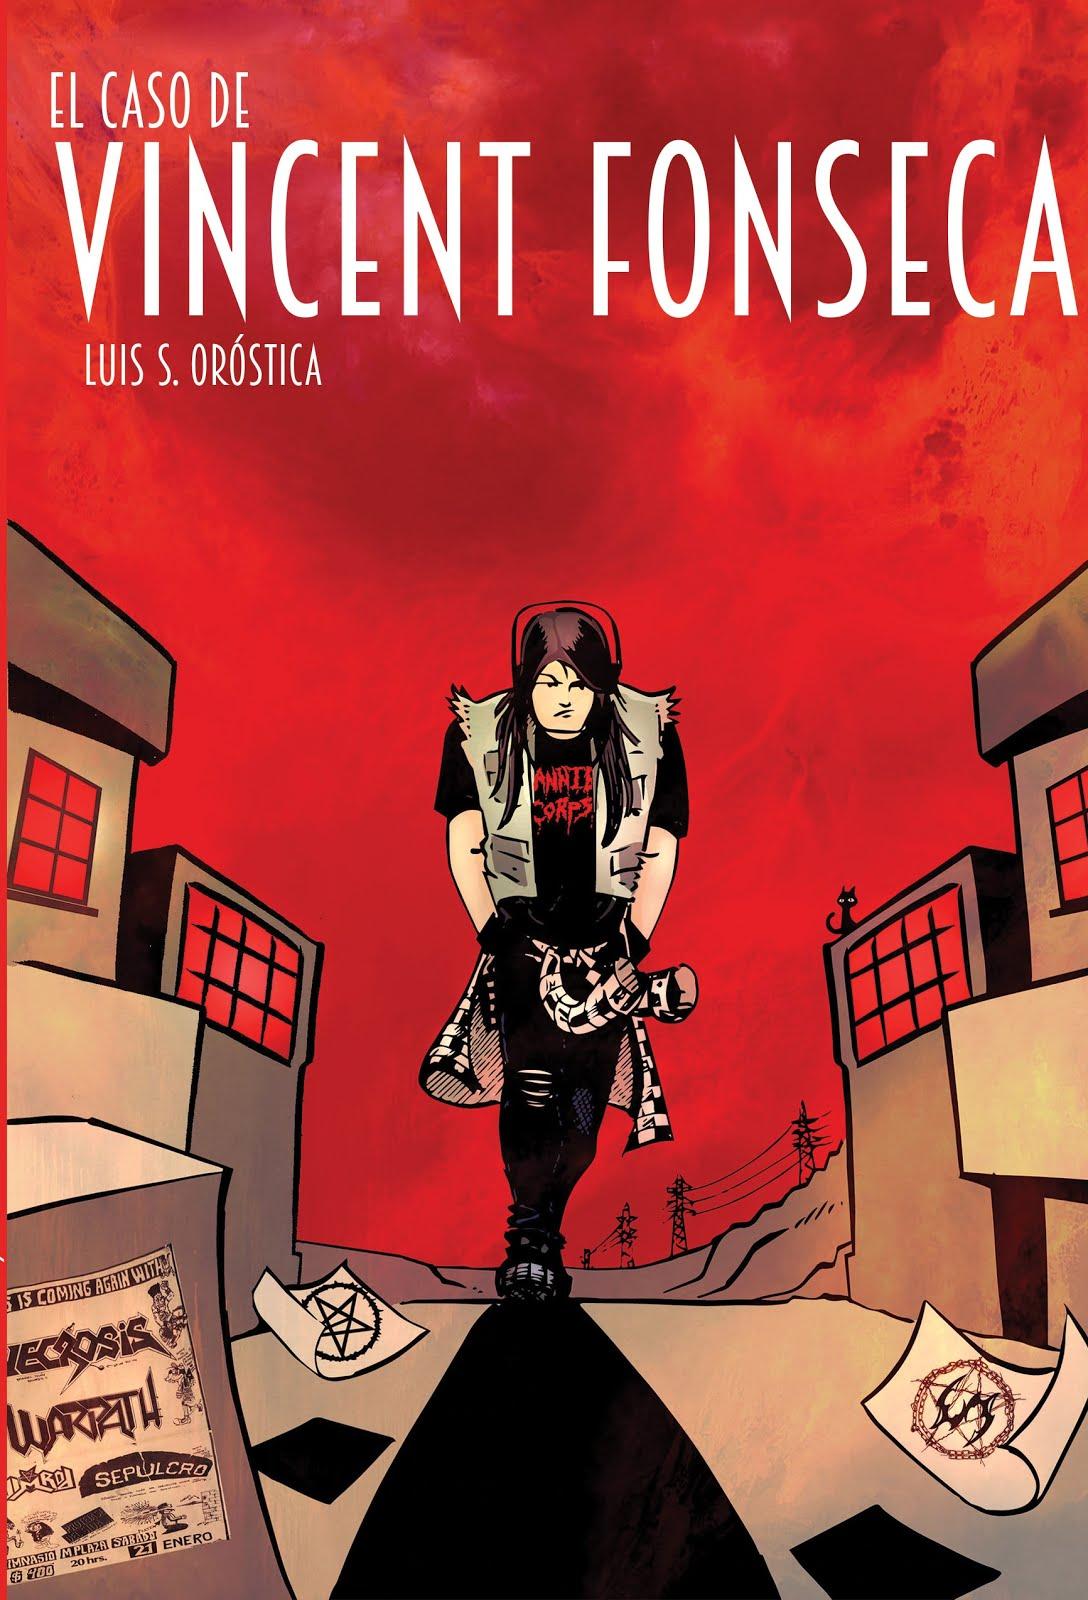 El caso de Vincent Fonseca